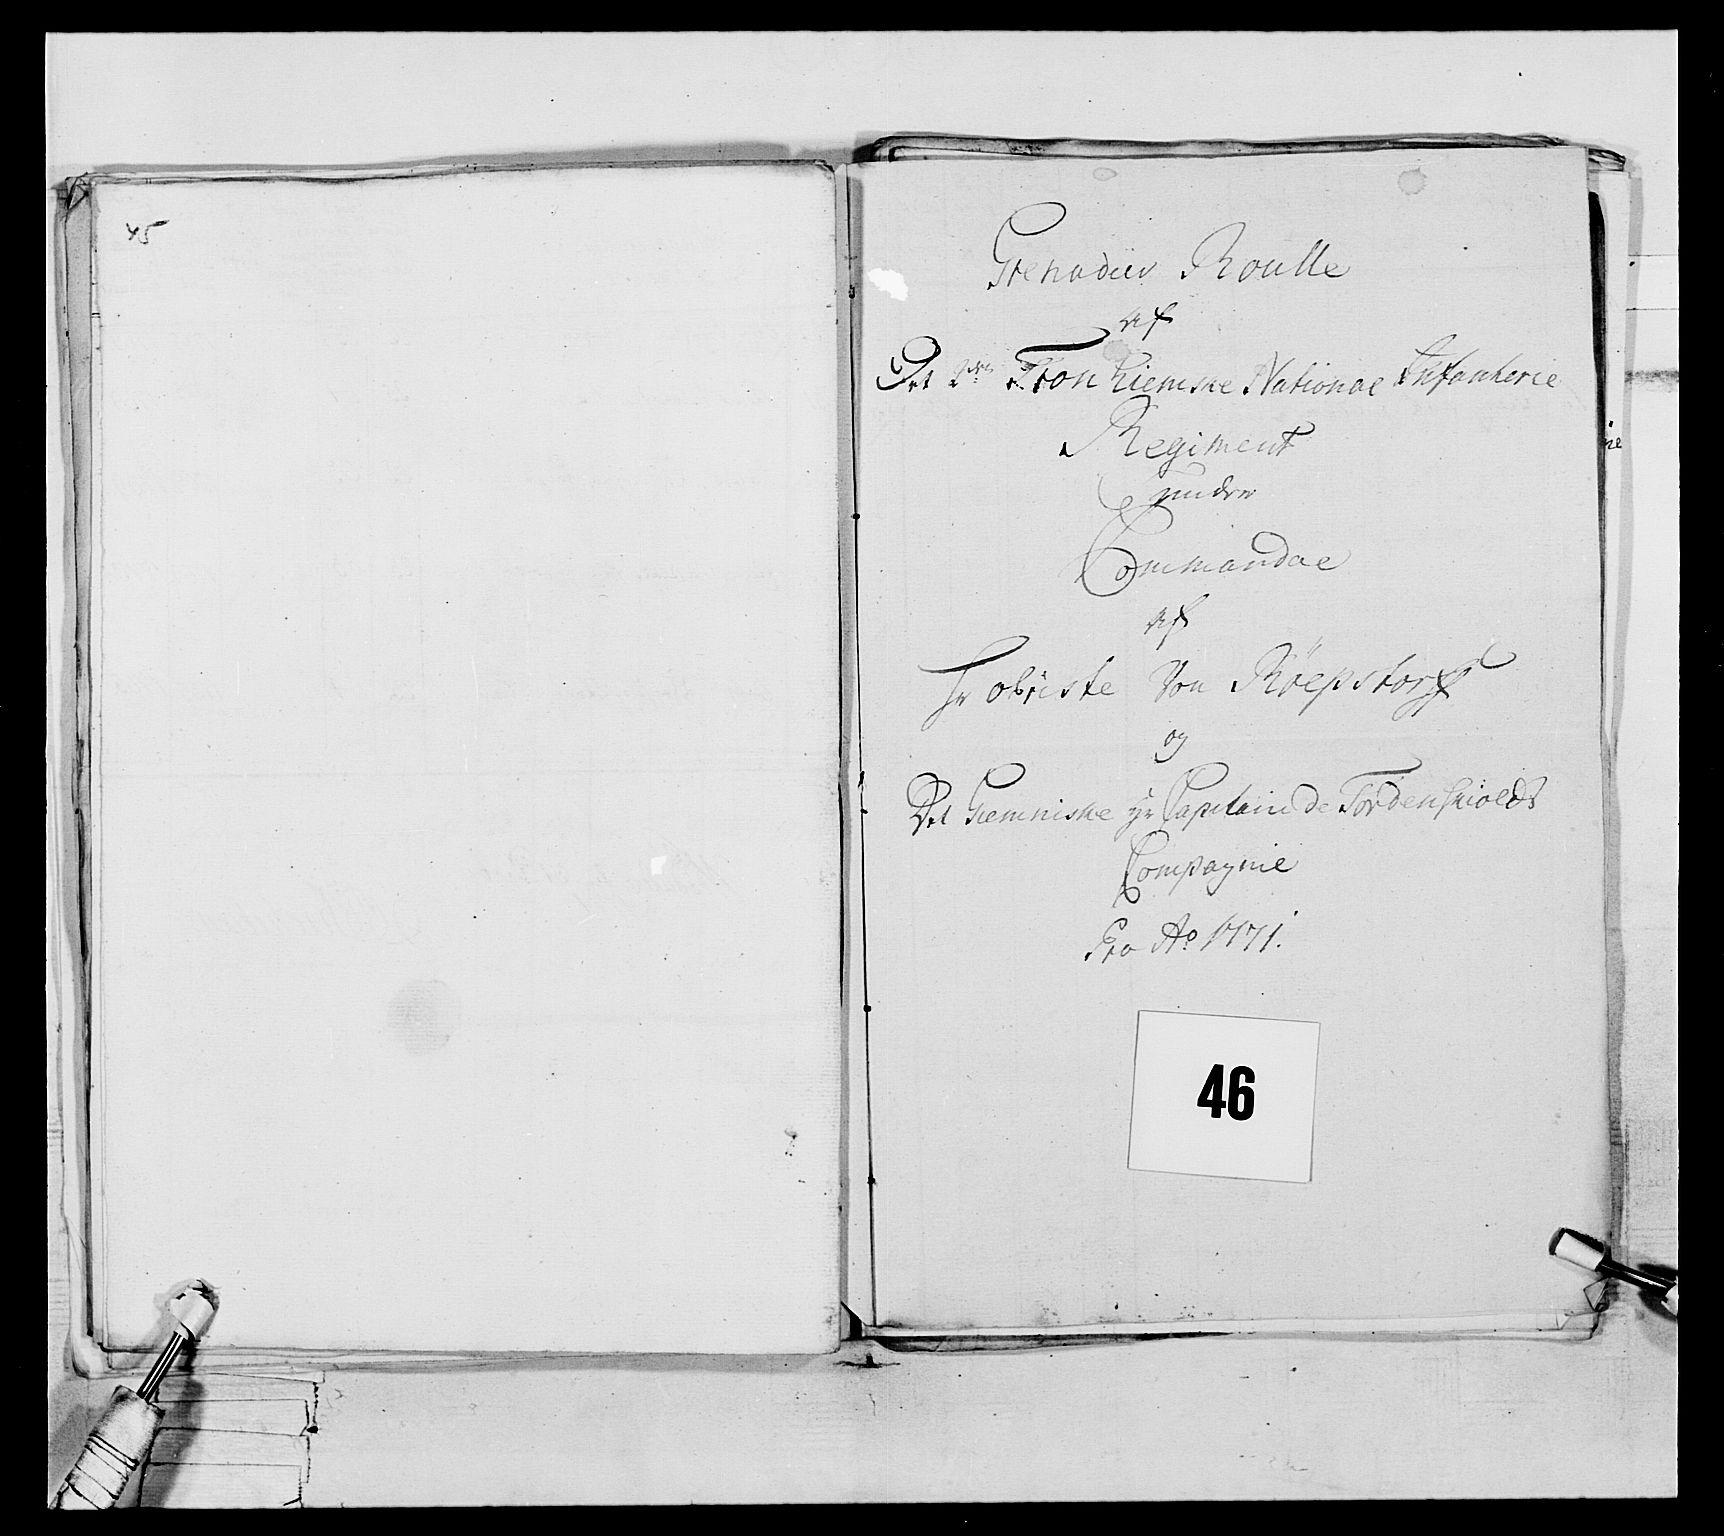 RA, Generalitets- og kommissariatskollegiet, Det kongelige norske kommissariatskollegium, E/Eh/L0076: 2. Trondheimske nasjonale infanteriregiment, 1766-1773, s. 149